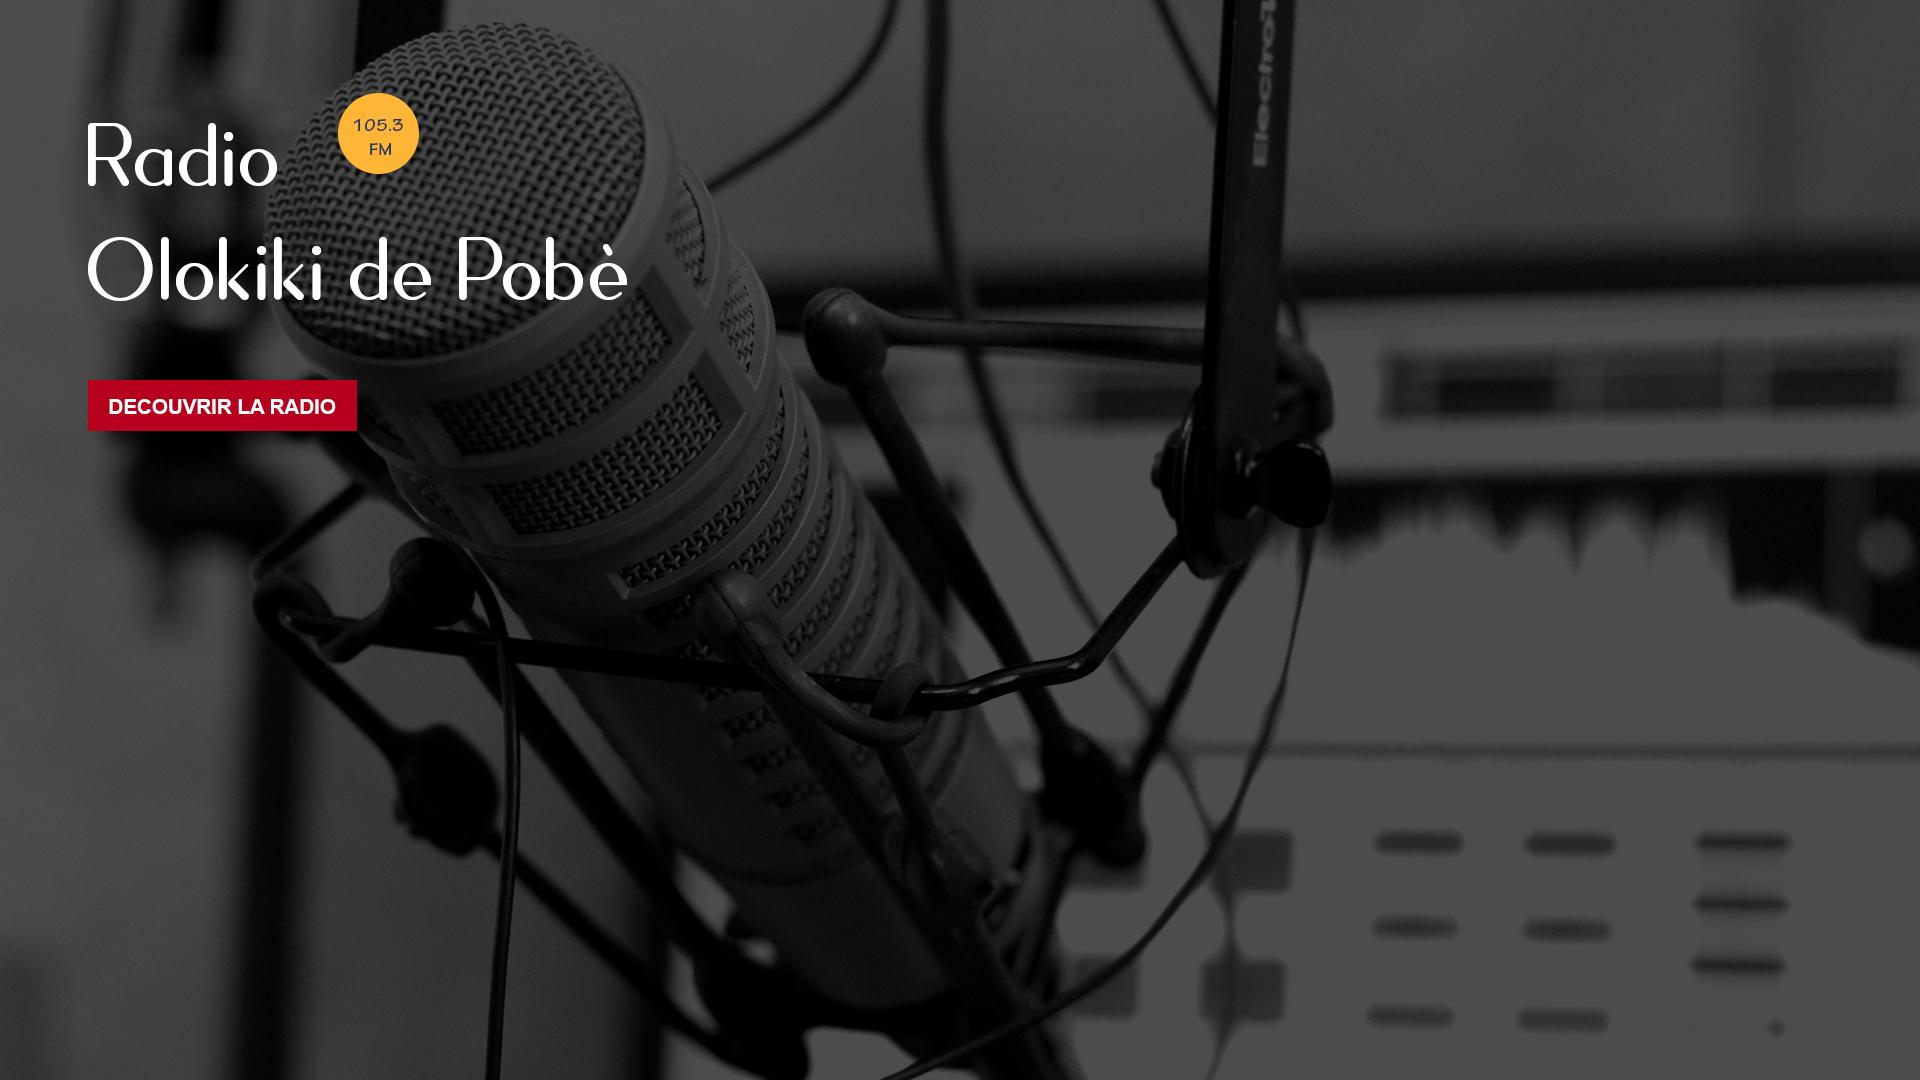 Bienvenue sur le portail de Radio Olokiki